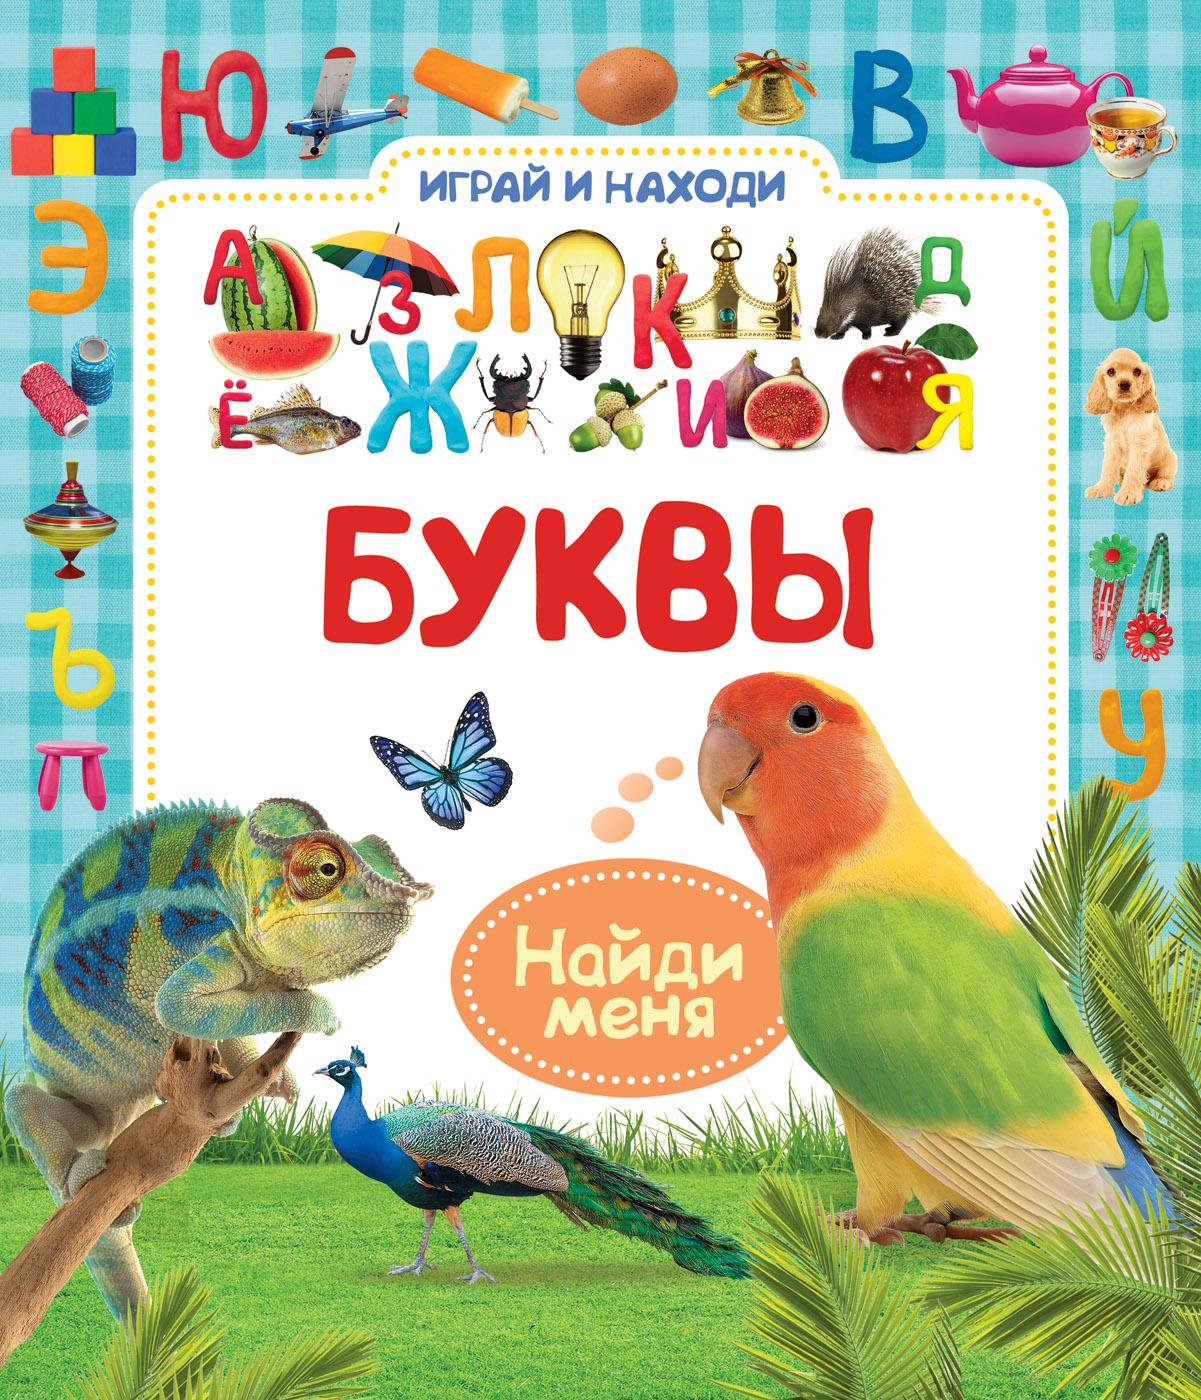 Книжка Играй и находи - БуквыОбучающие книги<br>Книжка Играй и находи - Буквы<br>